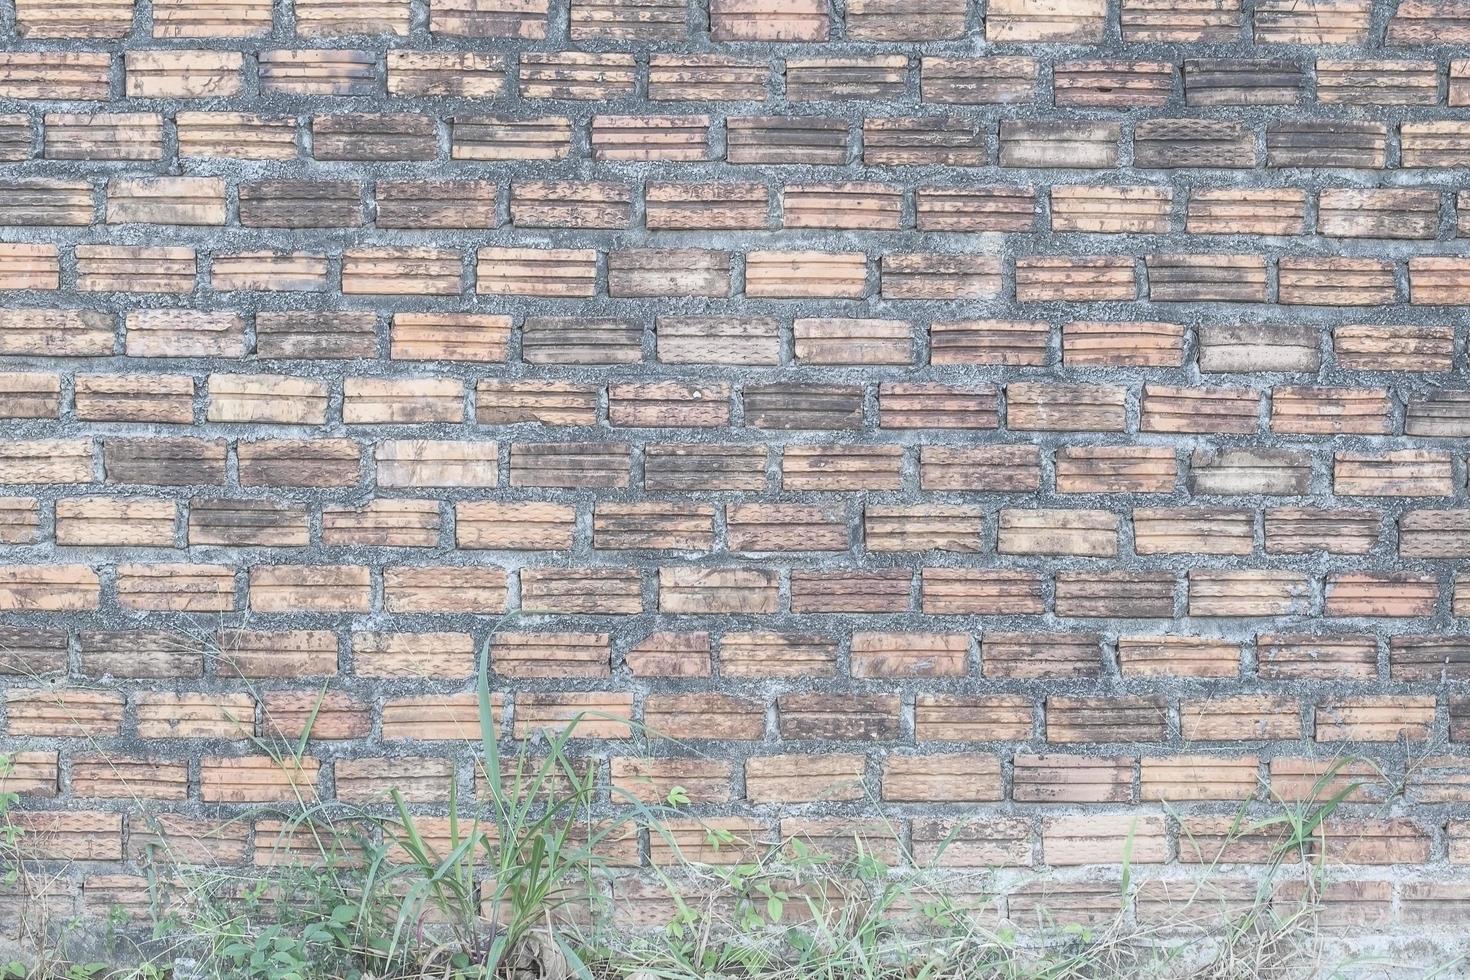 oude bakstenen muur voor achtergrond of textuur foto